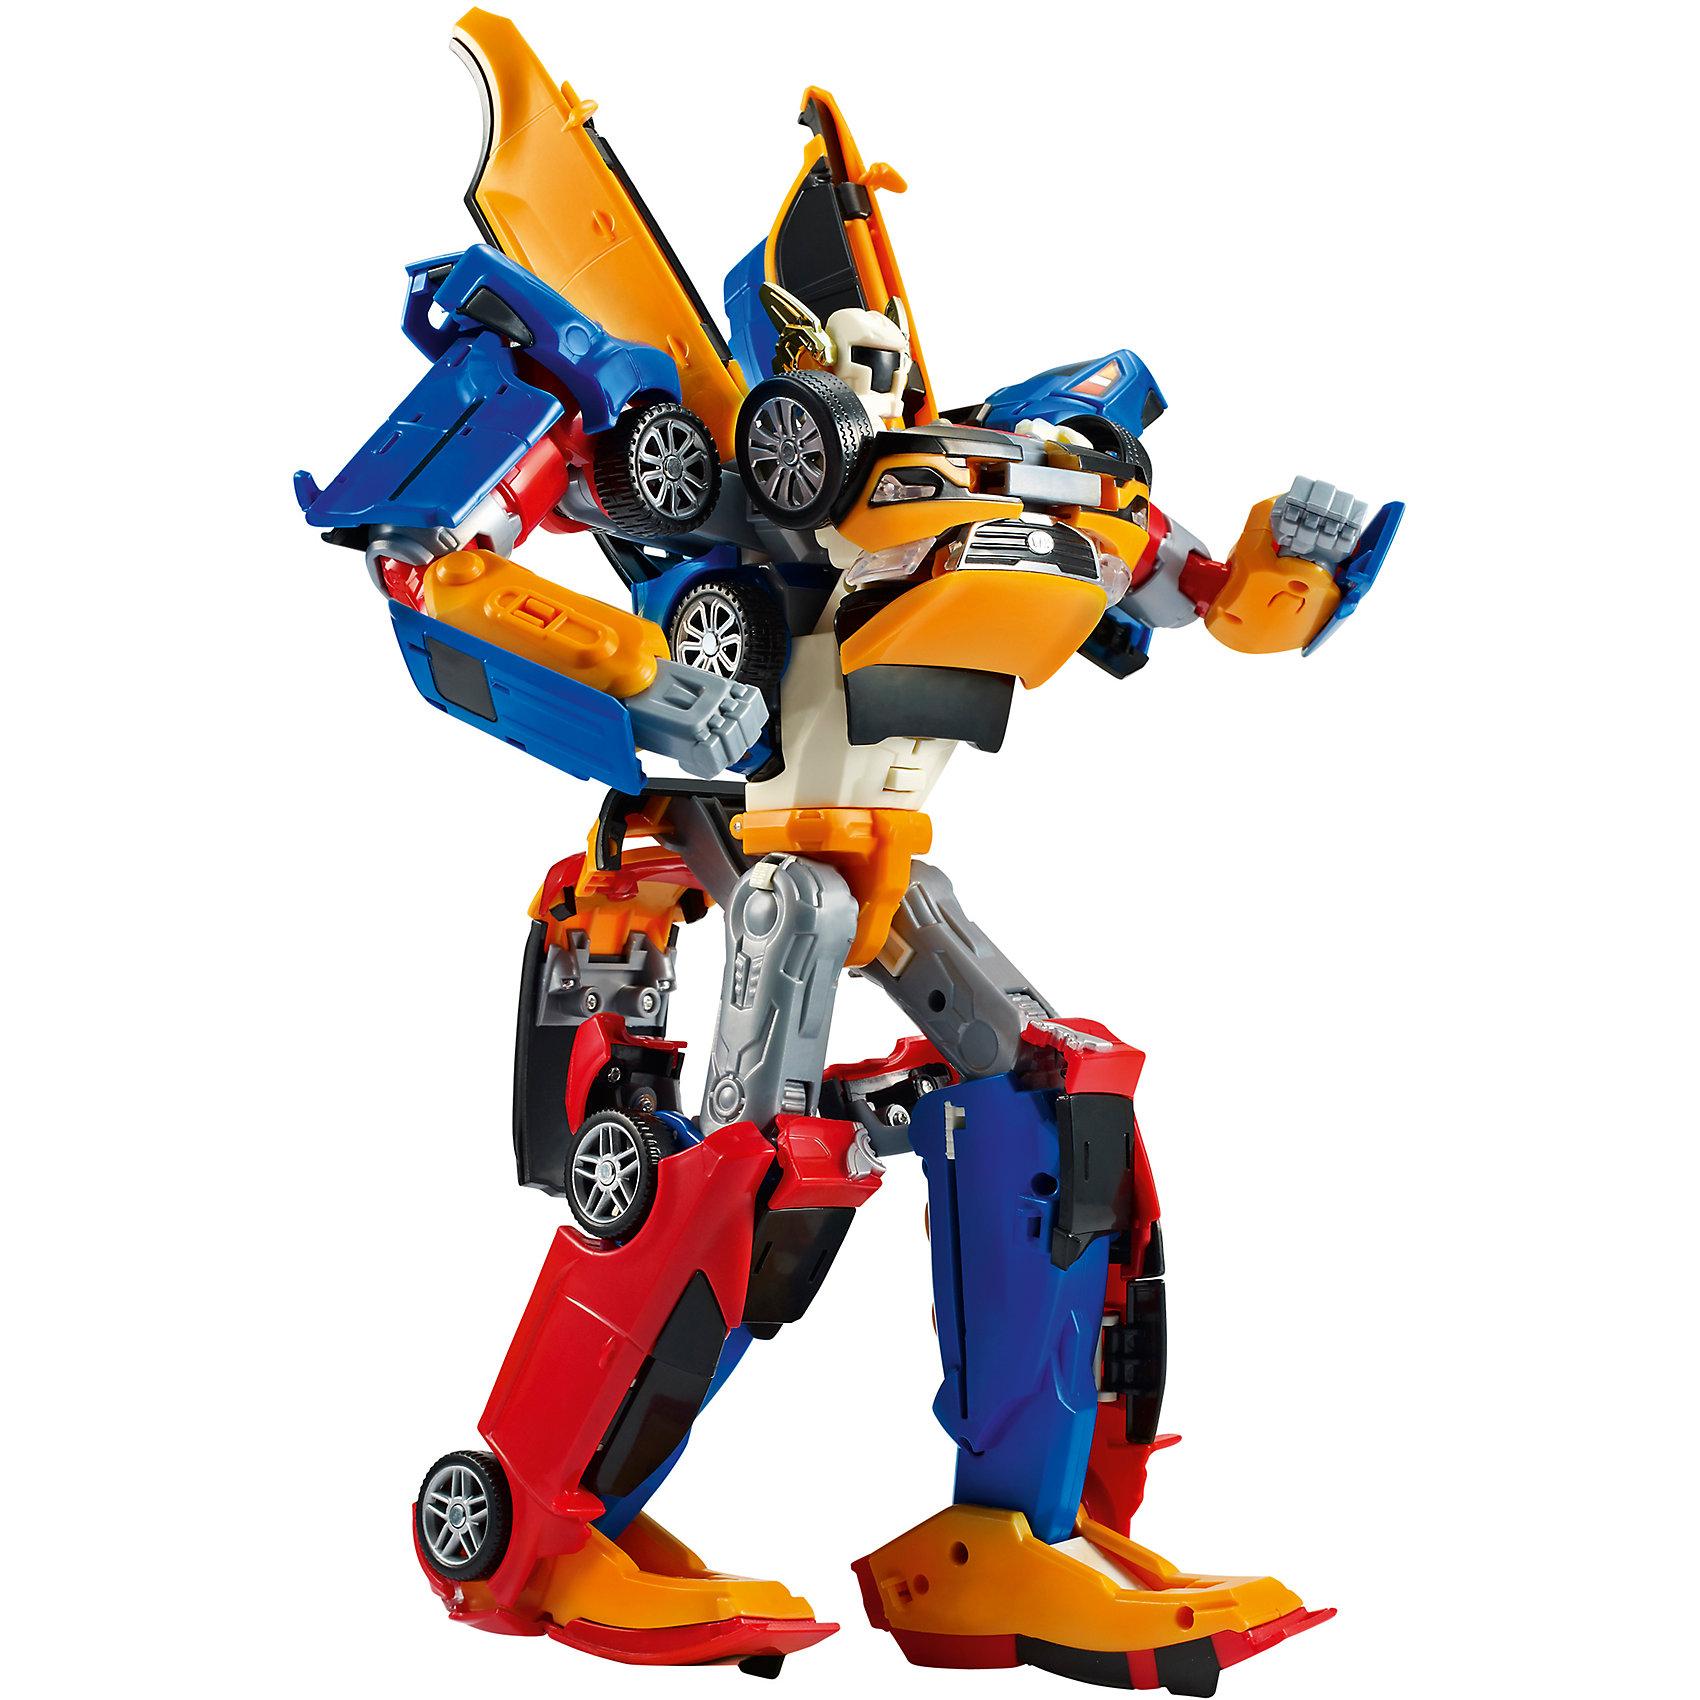 Трансформер ТританTobots<br>Робот-трансформер Тритан быстро превращается в три красивых машинки с рельефными колесами, для этого нужно всего лишь разделить робота на части и сложить в определенном порядке. Такая игрушка поспособствует развитию фантазии, мышлению и мелкой моторике рук.<br><br>Дополнительная информация:<br><br>- Возраст: от 3 лет.<br>- В наборе: робот, наклейки, карточки 4 шт., аксессуары.<br>- Материал: пластик.<br>- Размер упаковки: 32.6х29х12.5 см.<br>- Вес в упаковке: 300 г.<br><br>Купить трансформер Тритан, можно в нашем магазине.<br><br>Ширина мм: 326<br>Глубина мм: 290<br>Высота мм: 125<br>Вес г: 300<br>Возраст от месяцев: 36<br>Возраст до месяцев: 2147483647<br>Пол: Мужской<br>Возраст: Детский<br>SKU: 5028894